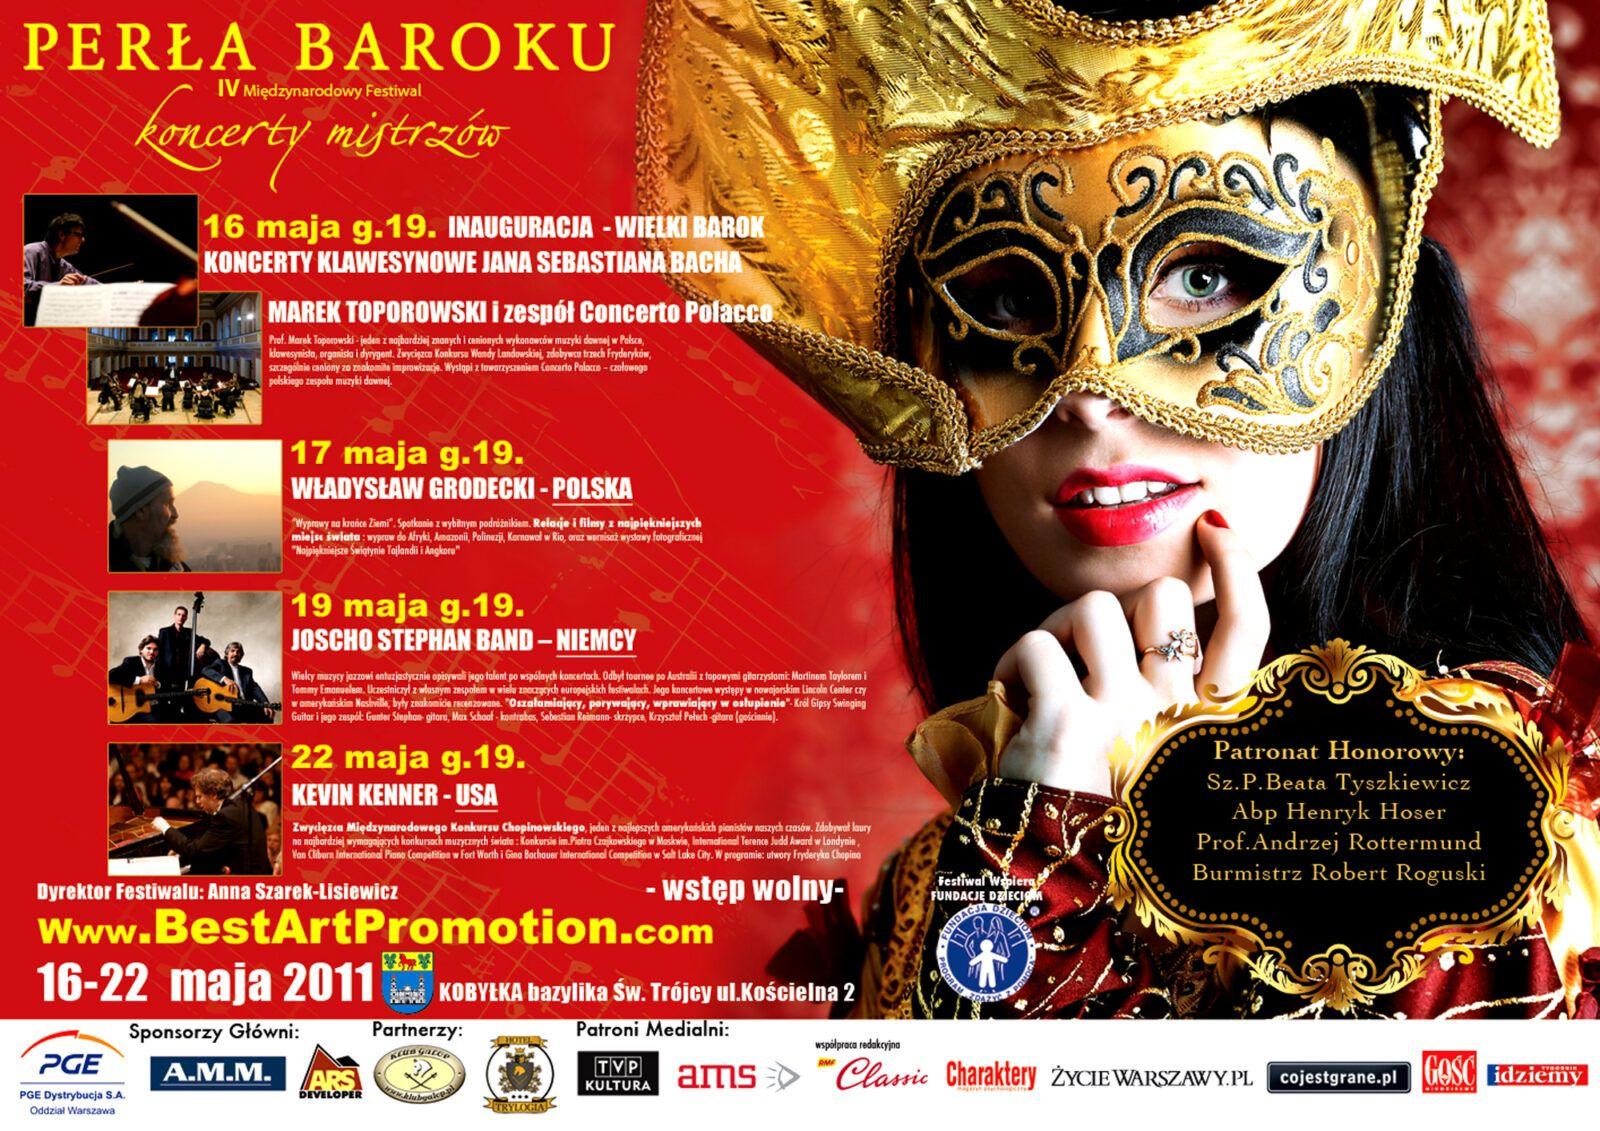 4 Międzynarodowy Festiwal Perła Baroku - Koncerty Mistrzów 2011_plakat